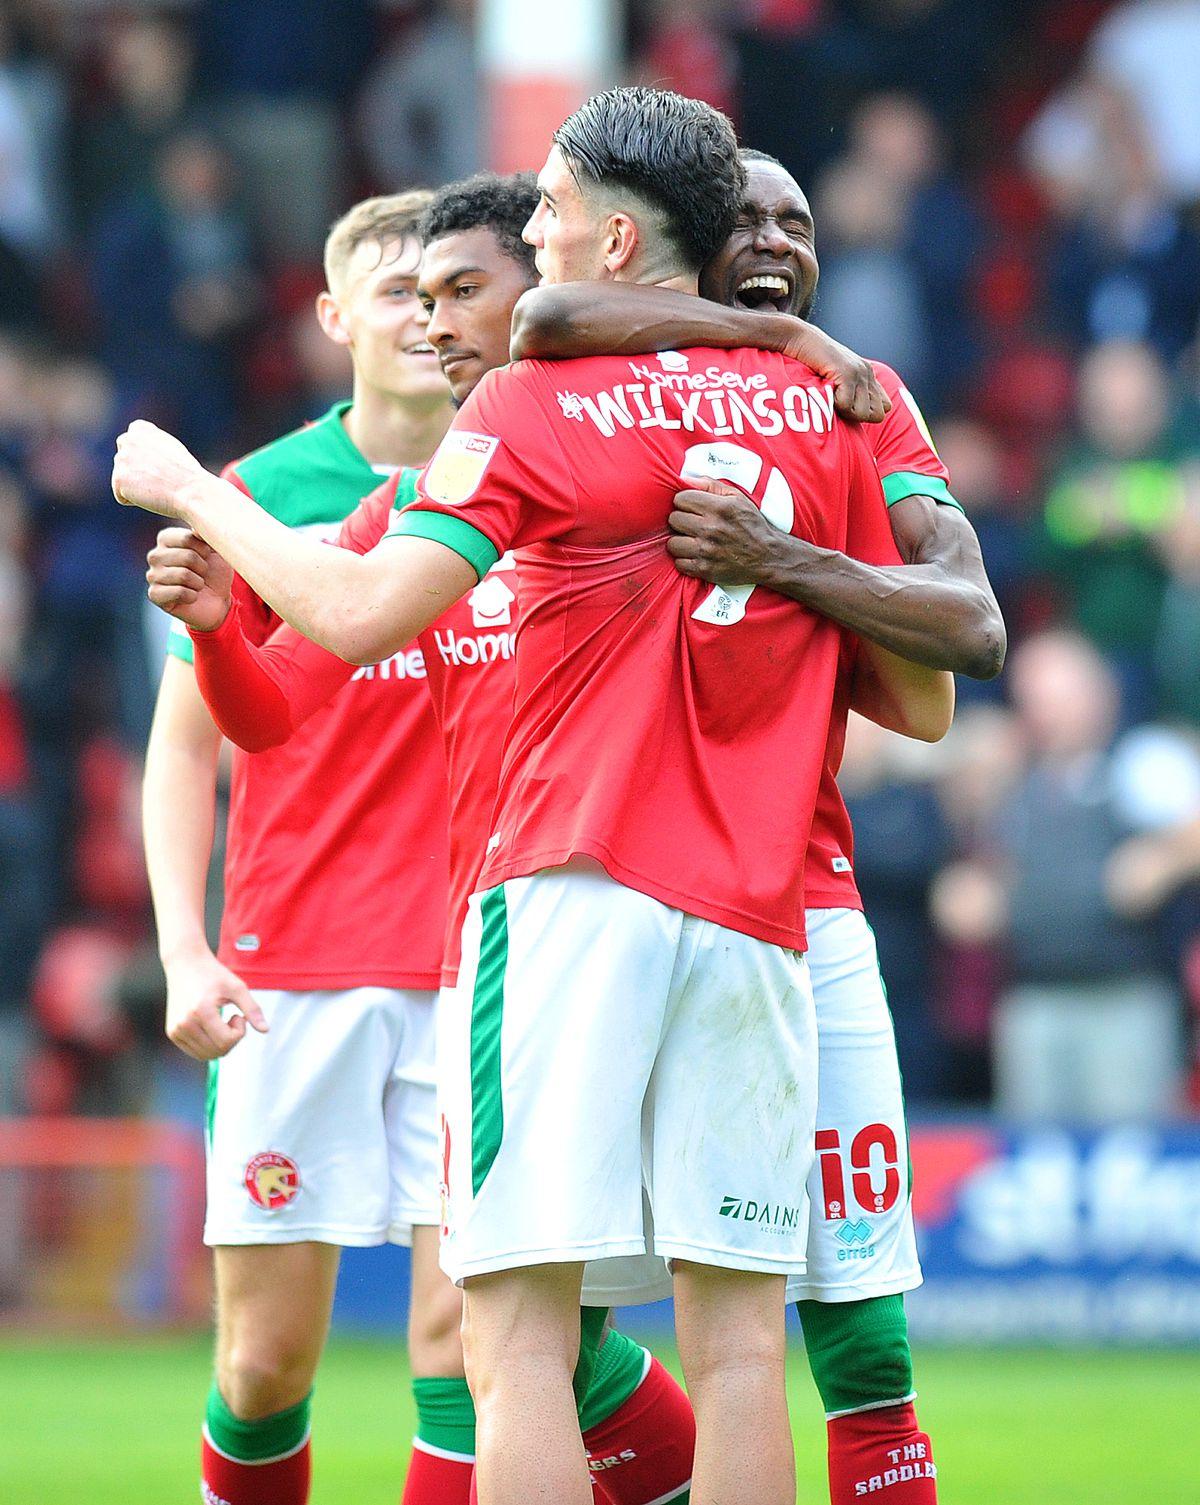 Emmanuel Osadebe congratulates Conor Wilkinson on his winner.